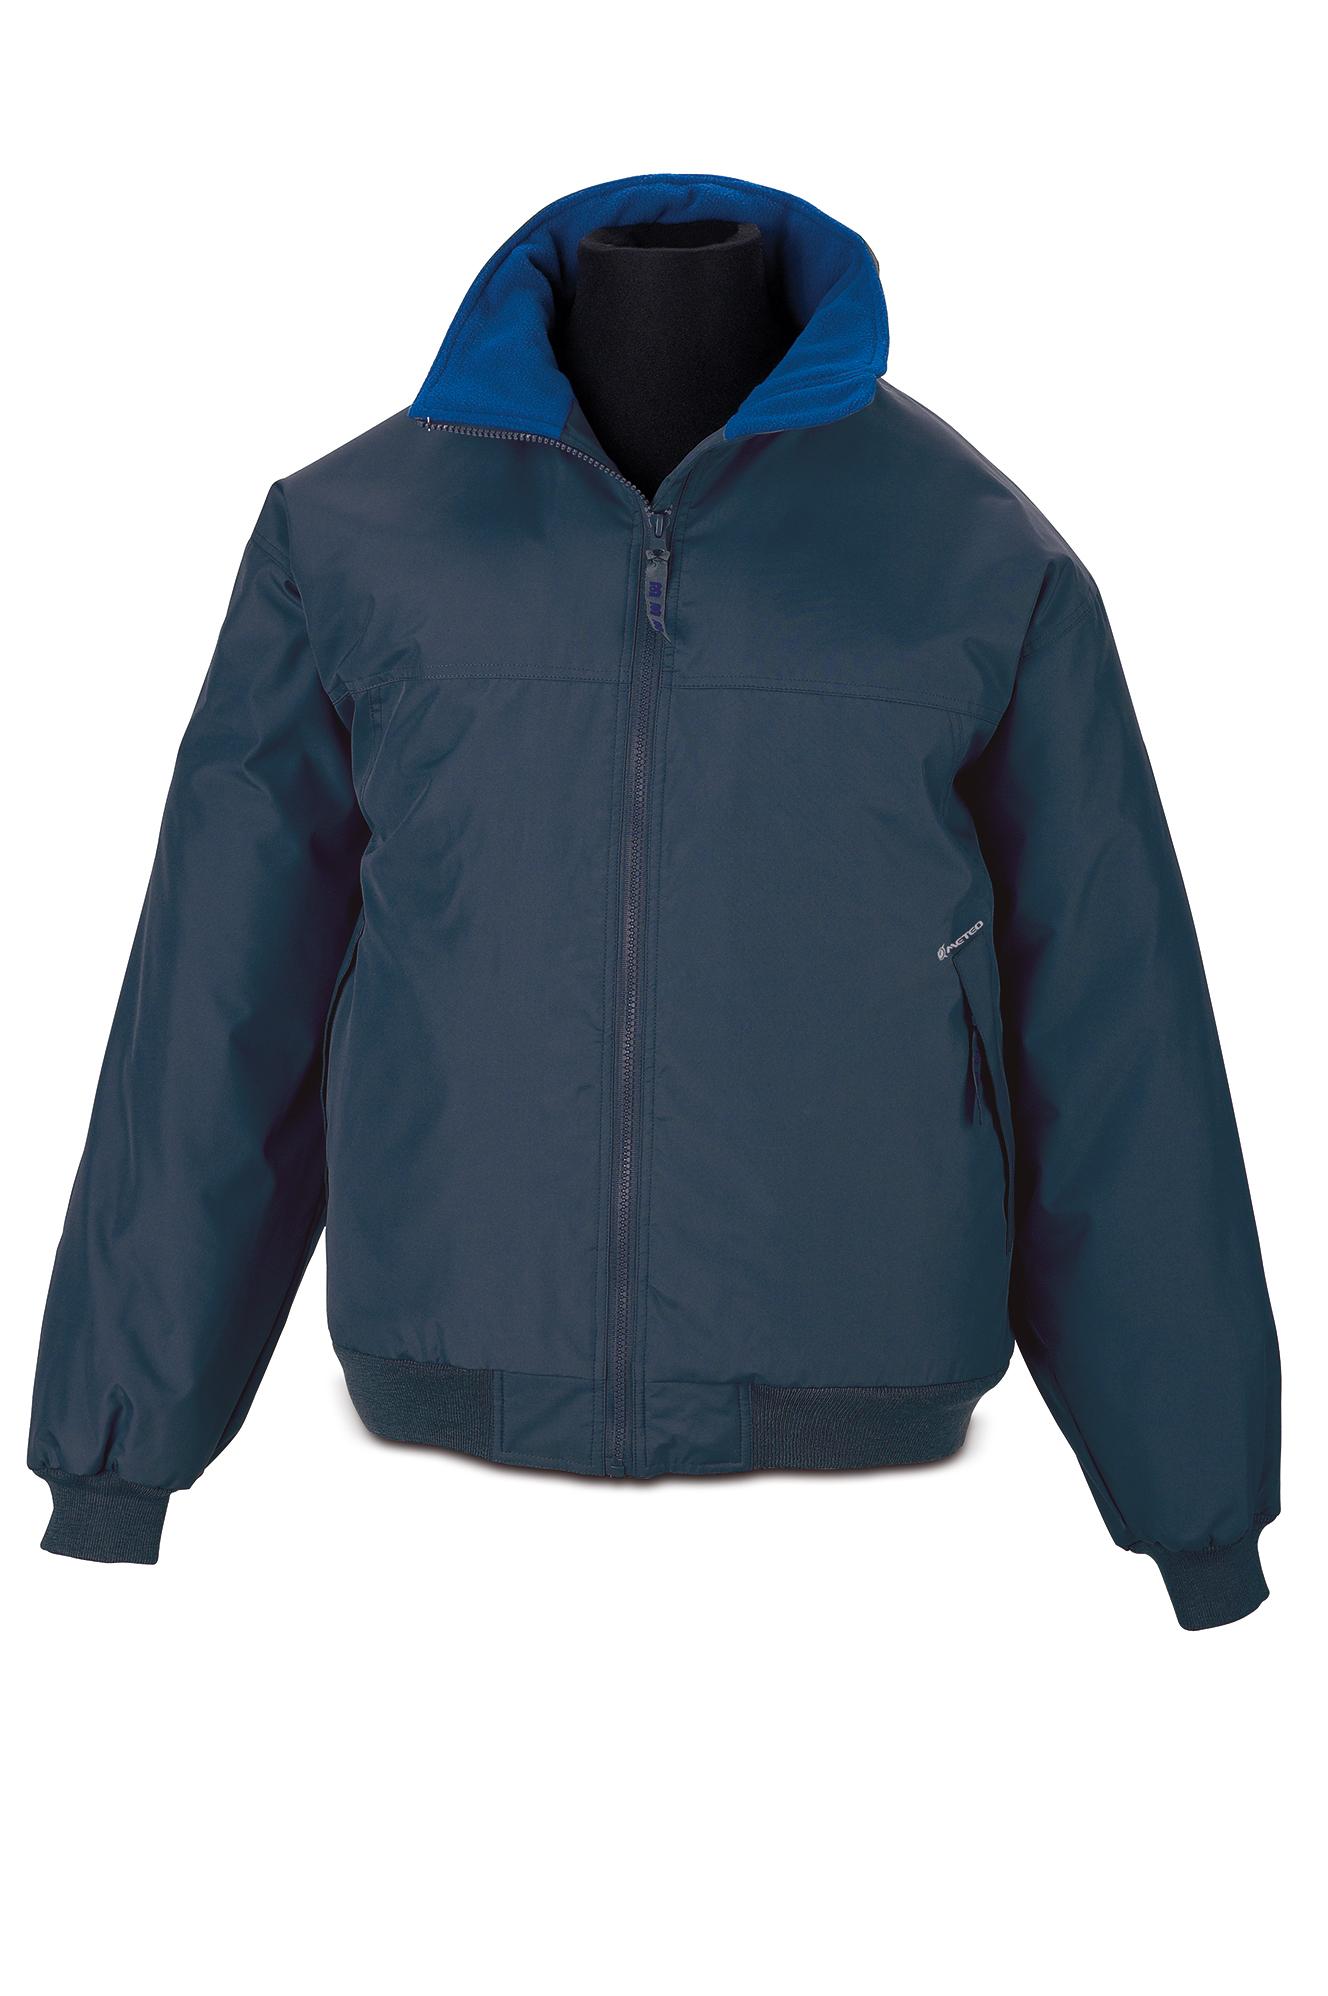 profesional mejor calificado precio asombroso a juego en color Productos   Abrigo y lluvia   Cazadoras   Ref. 288-CPA ...